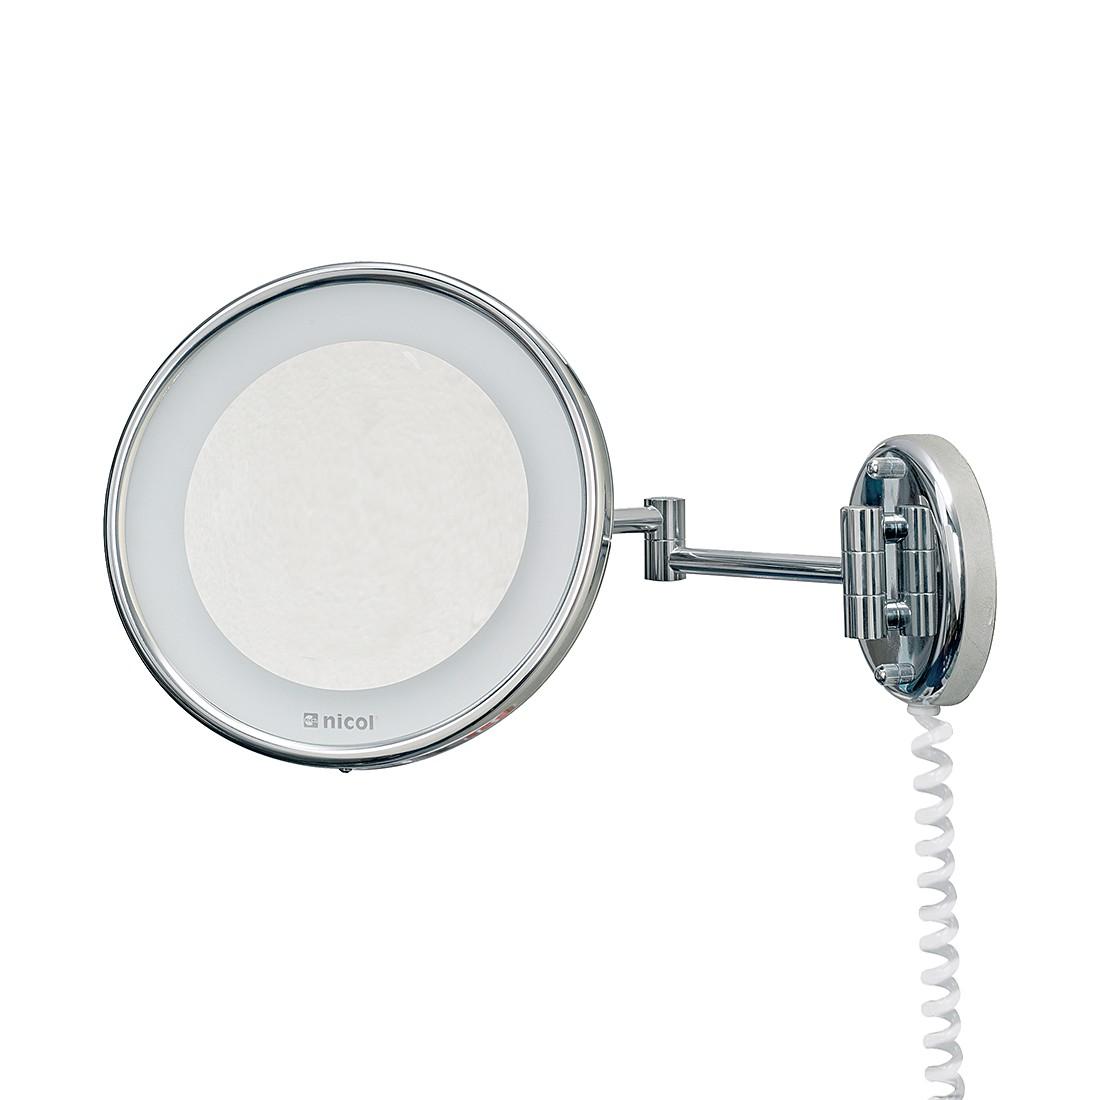 Wandspiegel Jenny – Chrom, LED-Beleuchtung, 5-fache Vergrößerung, Nicol-Wohnausstattungen online kaufen